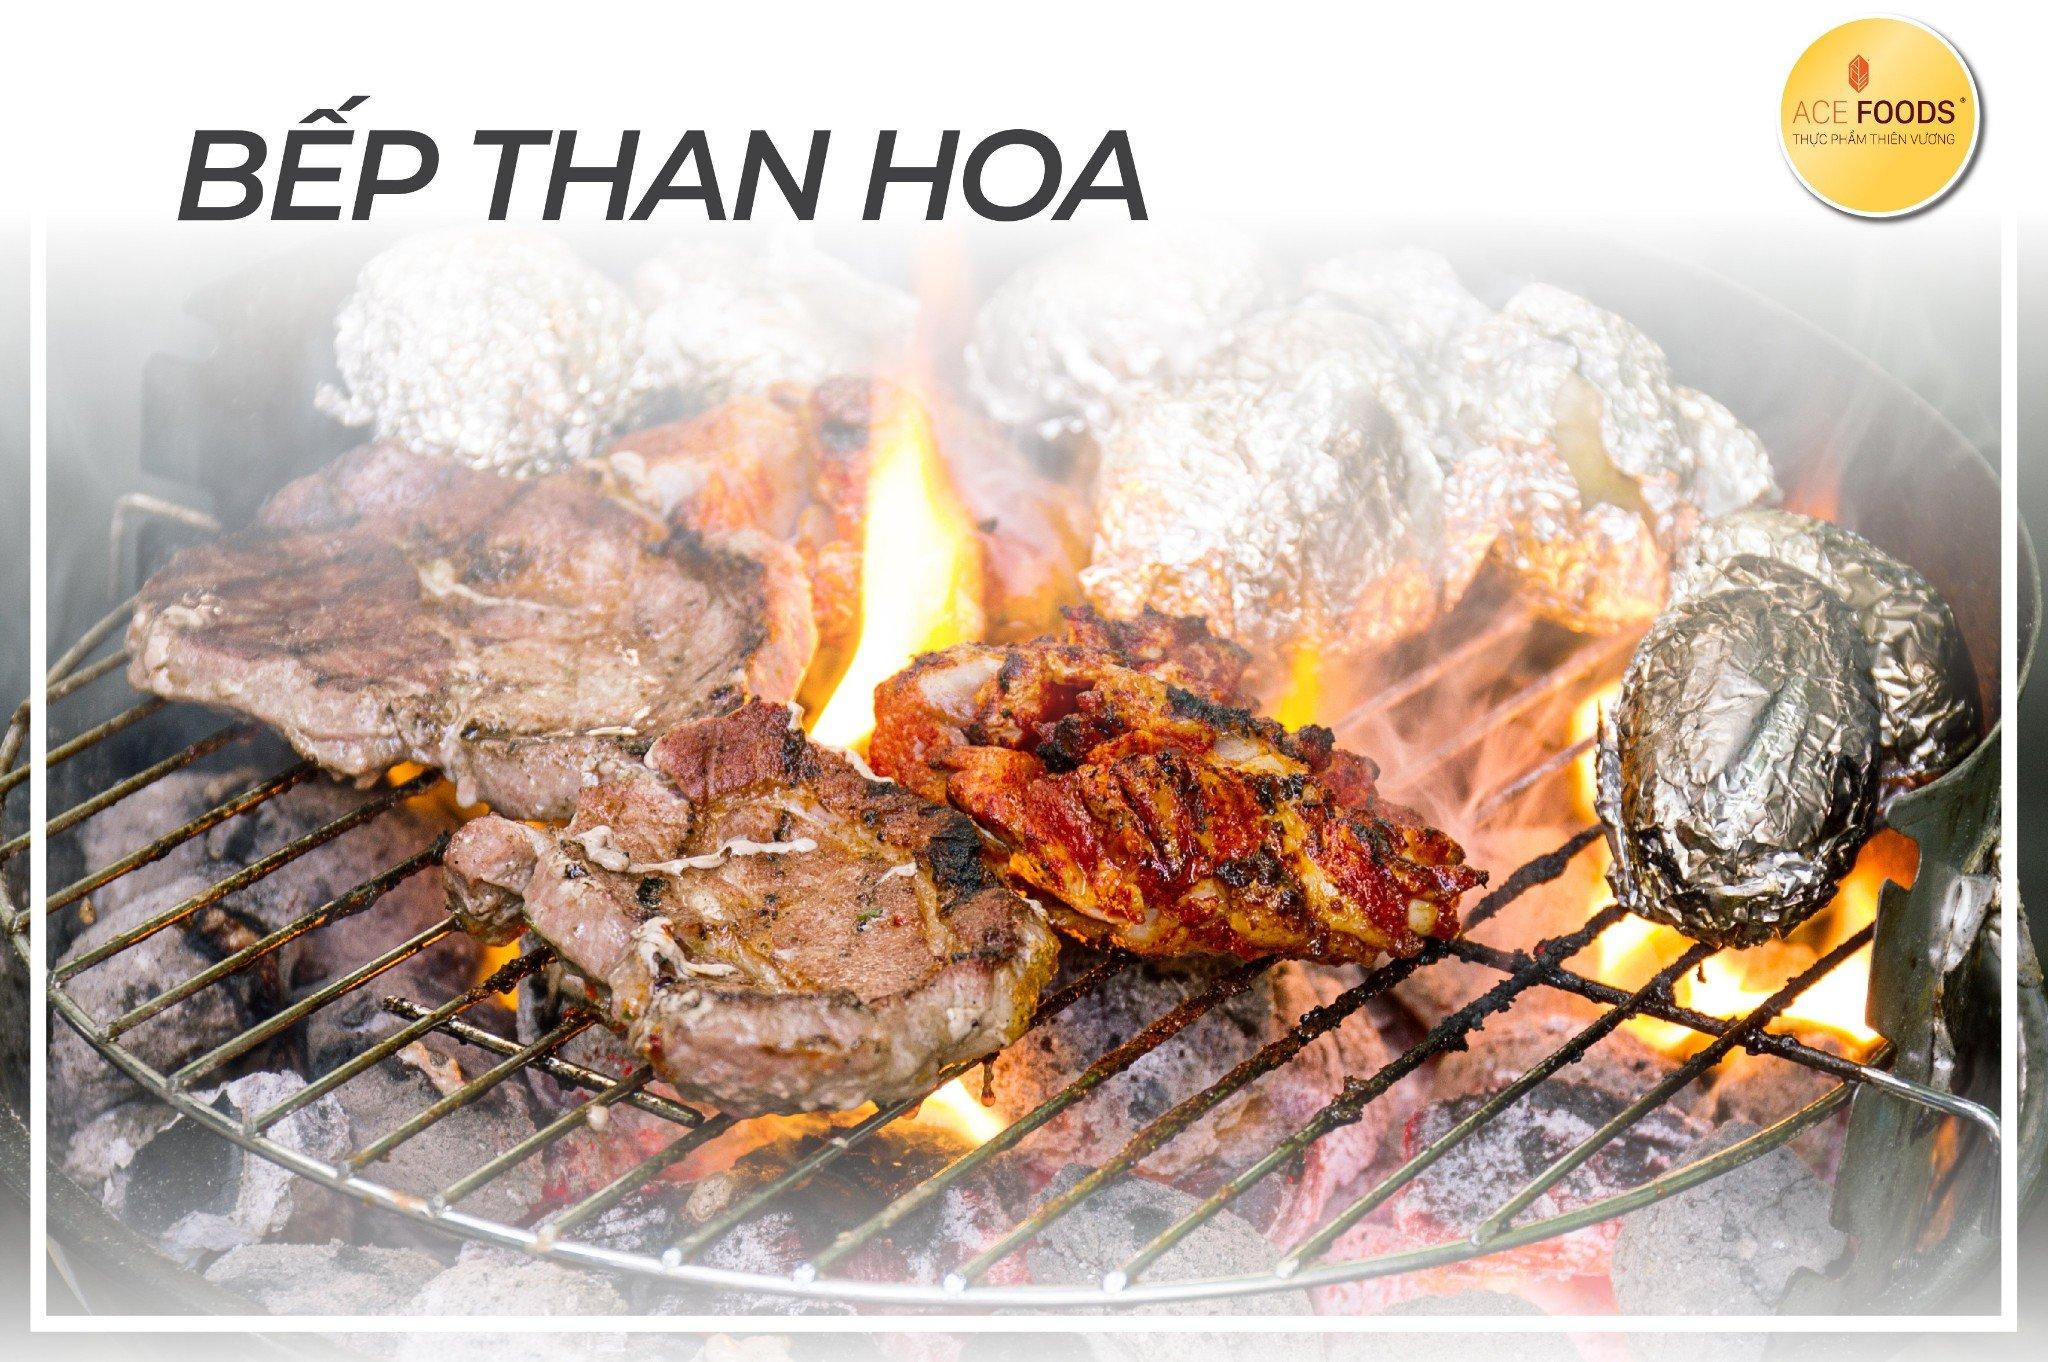 Nên dùng bếp than hoa cho bữa tiệc BBQ lớn của cả gia đình